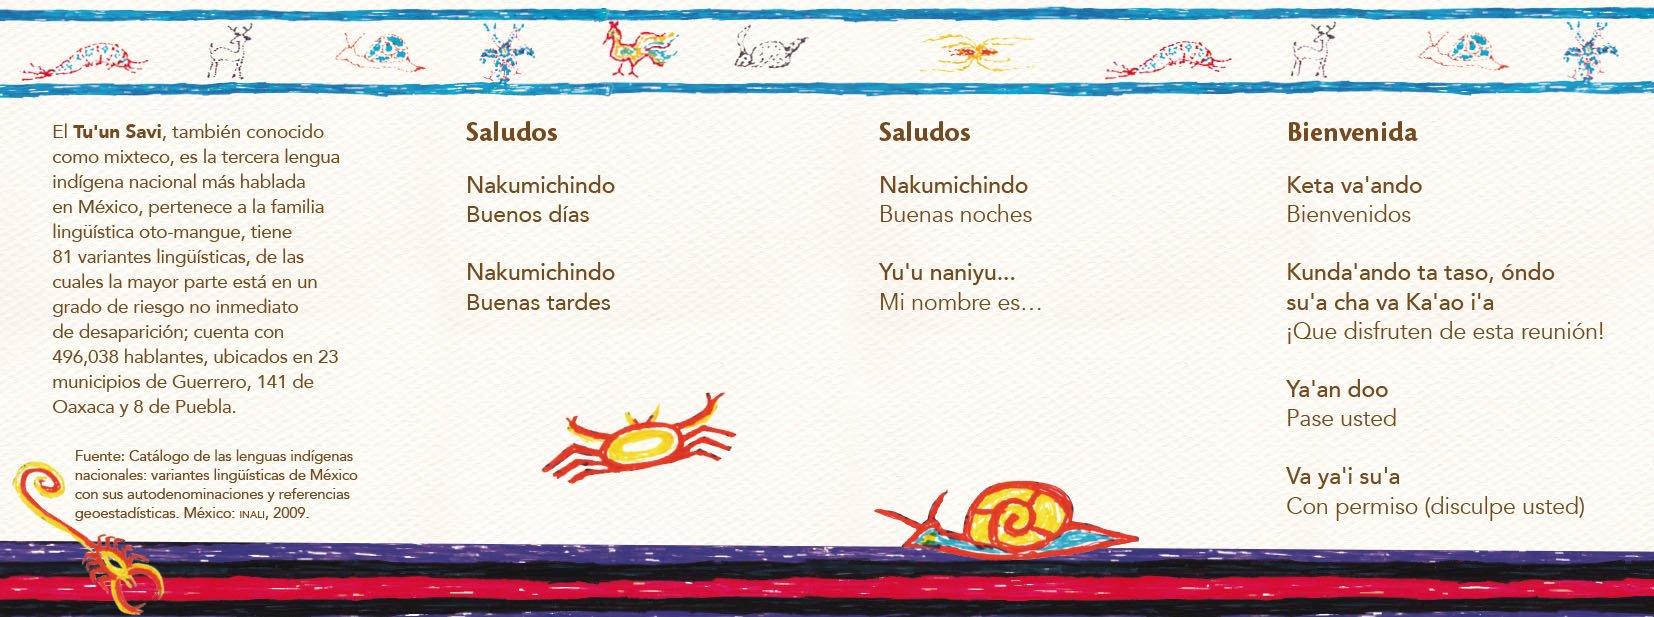 Conoce las frases de cortesía en lenguas indígenas @cultura_mx @INALIMEXICO https://t.co/aJTWL5D3Lx